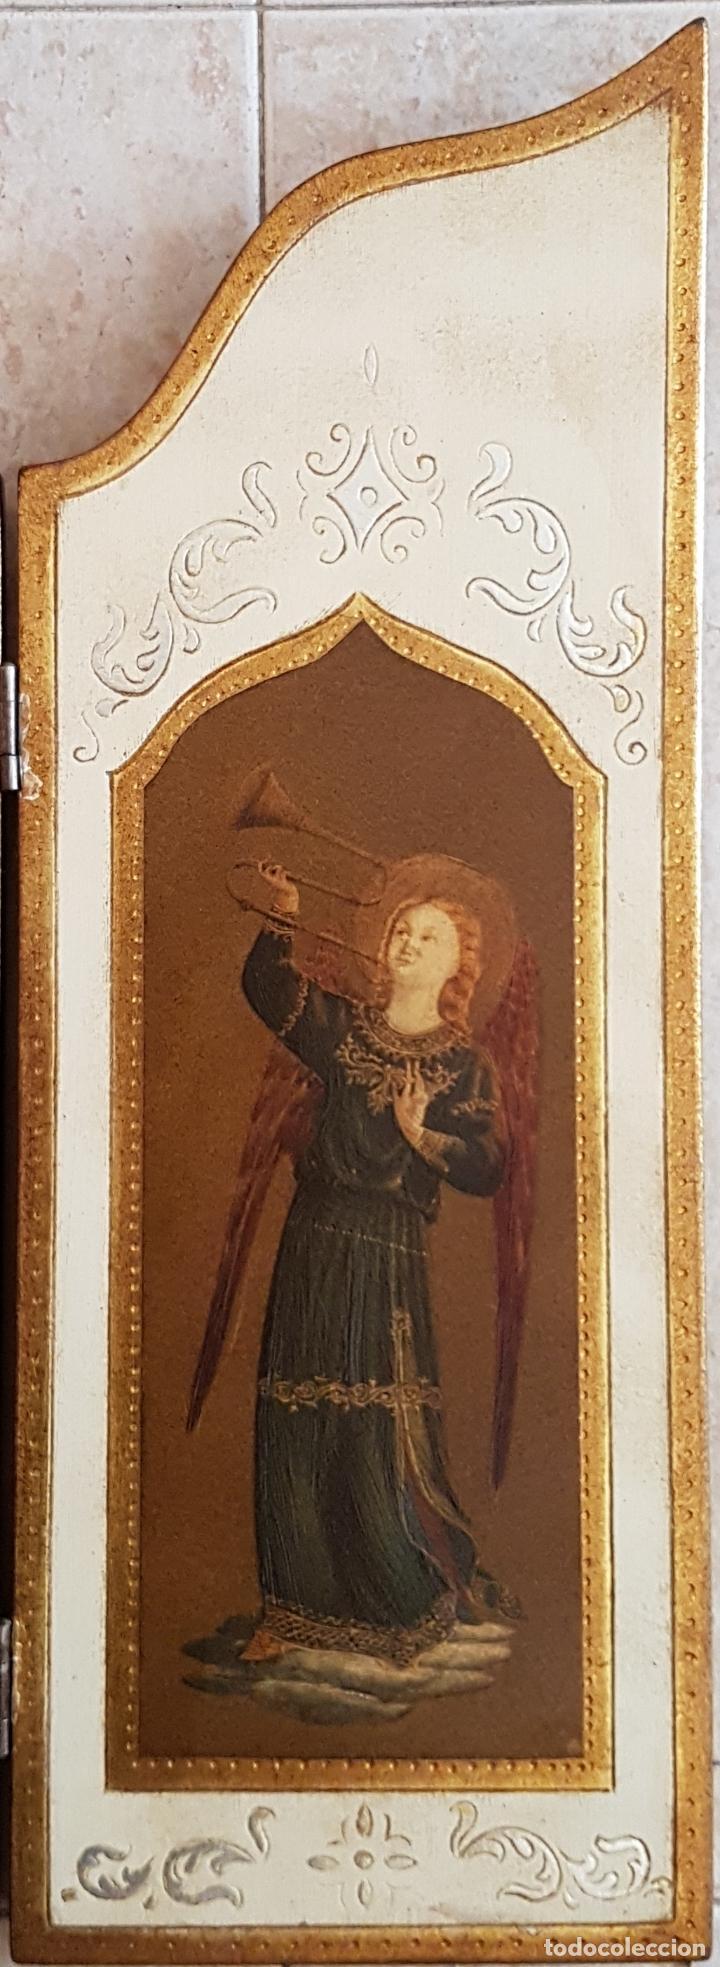 Arte: Bello tríptico antiguo con litigrafías religiosas en madera con acabados en estuco y oro . - Foto 4 - 132801302